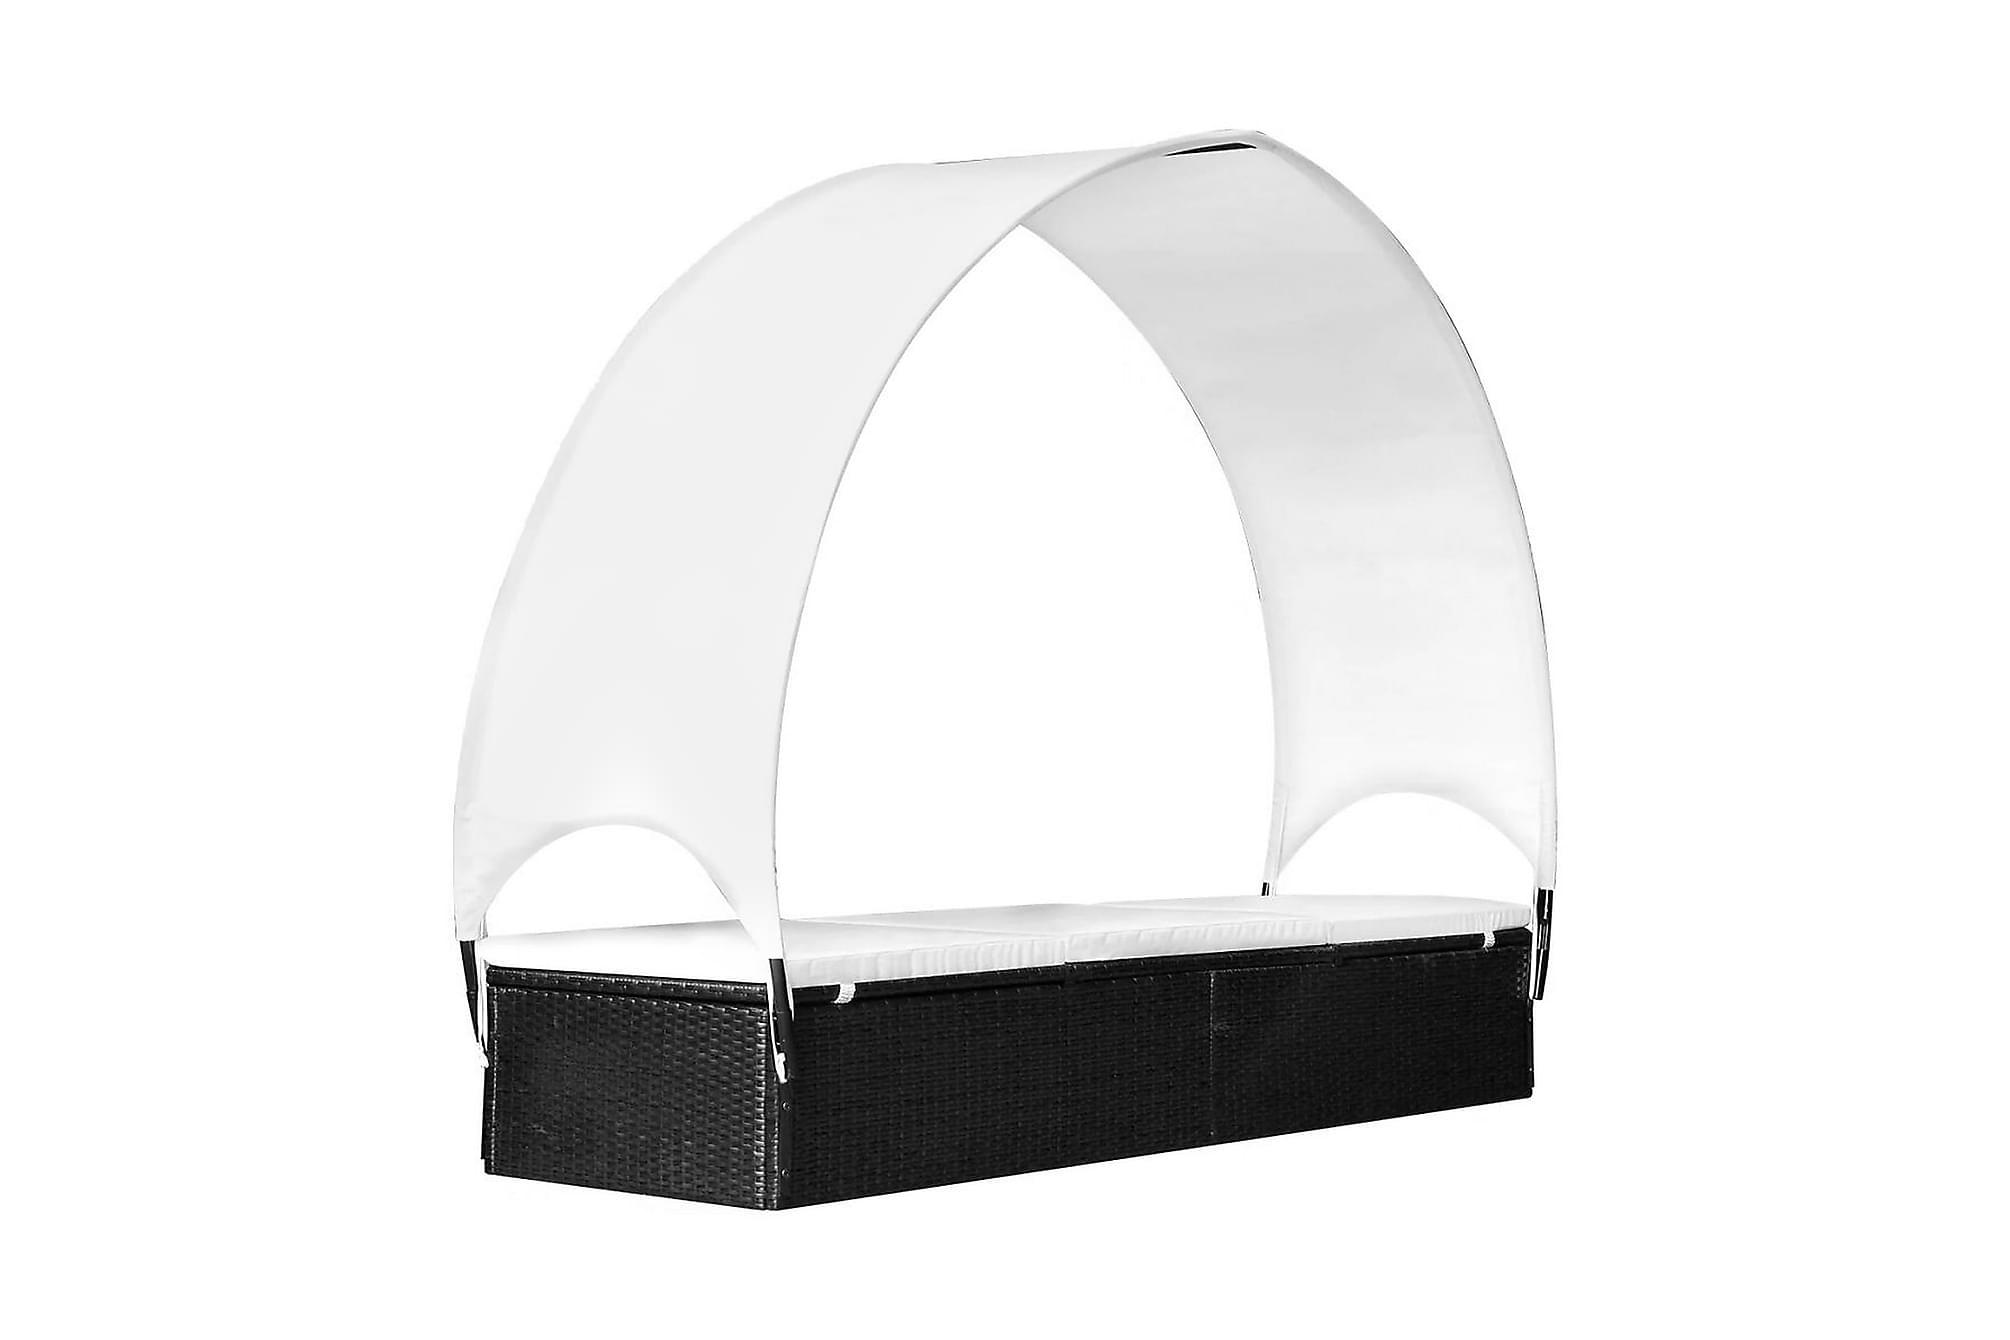 Solsäng med tak konstrotting svart